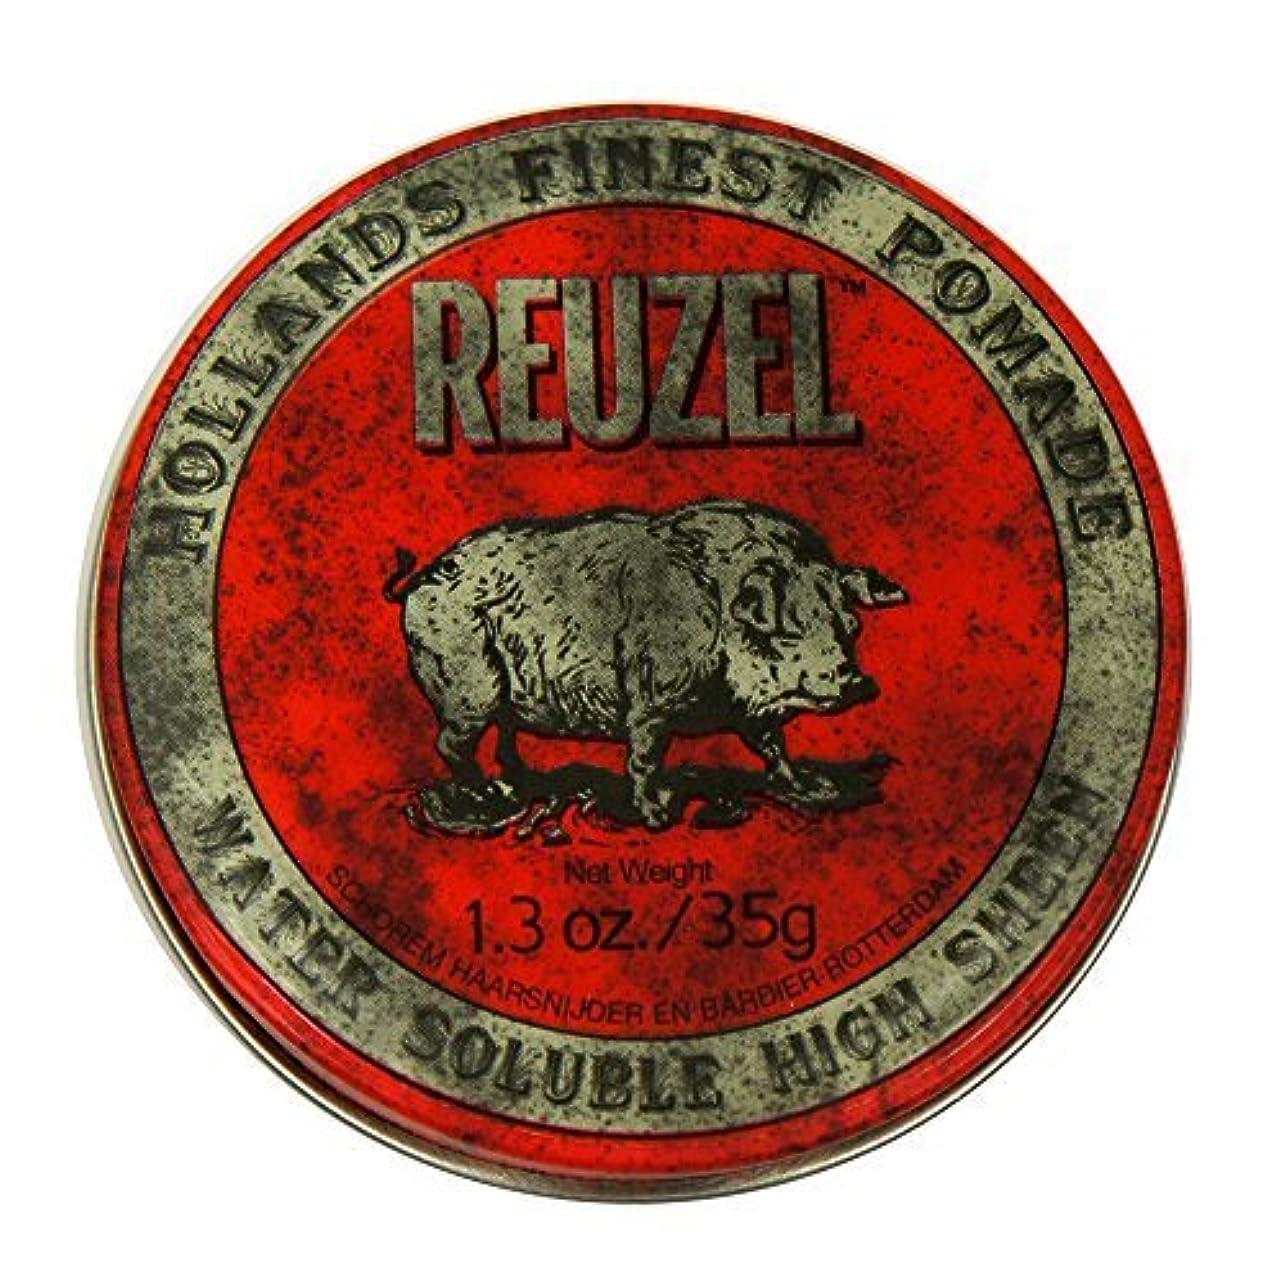 豪華なカール候補者Reuzel Red Hair Pomade Piglet 1.3oz [並行輸入品]